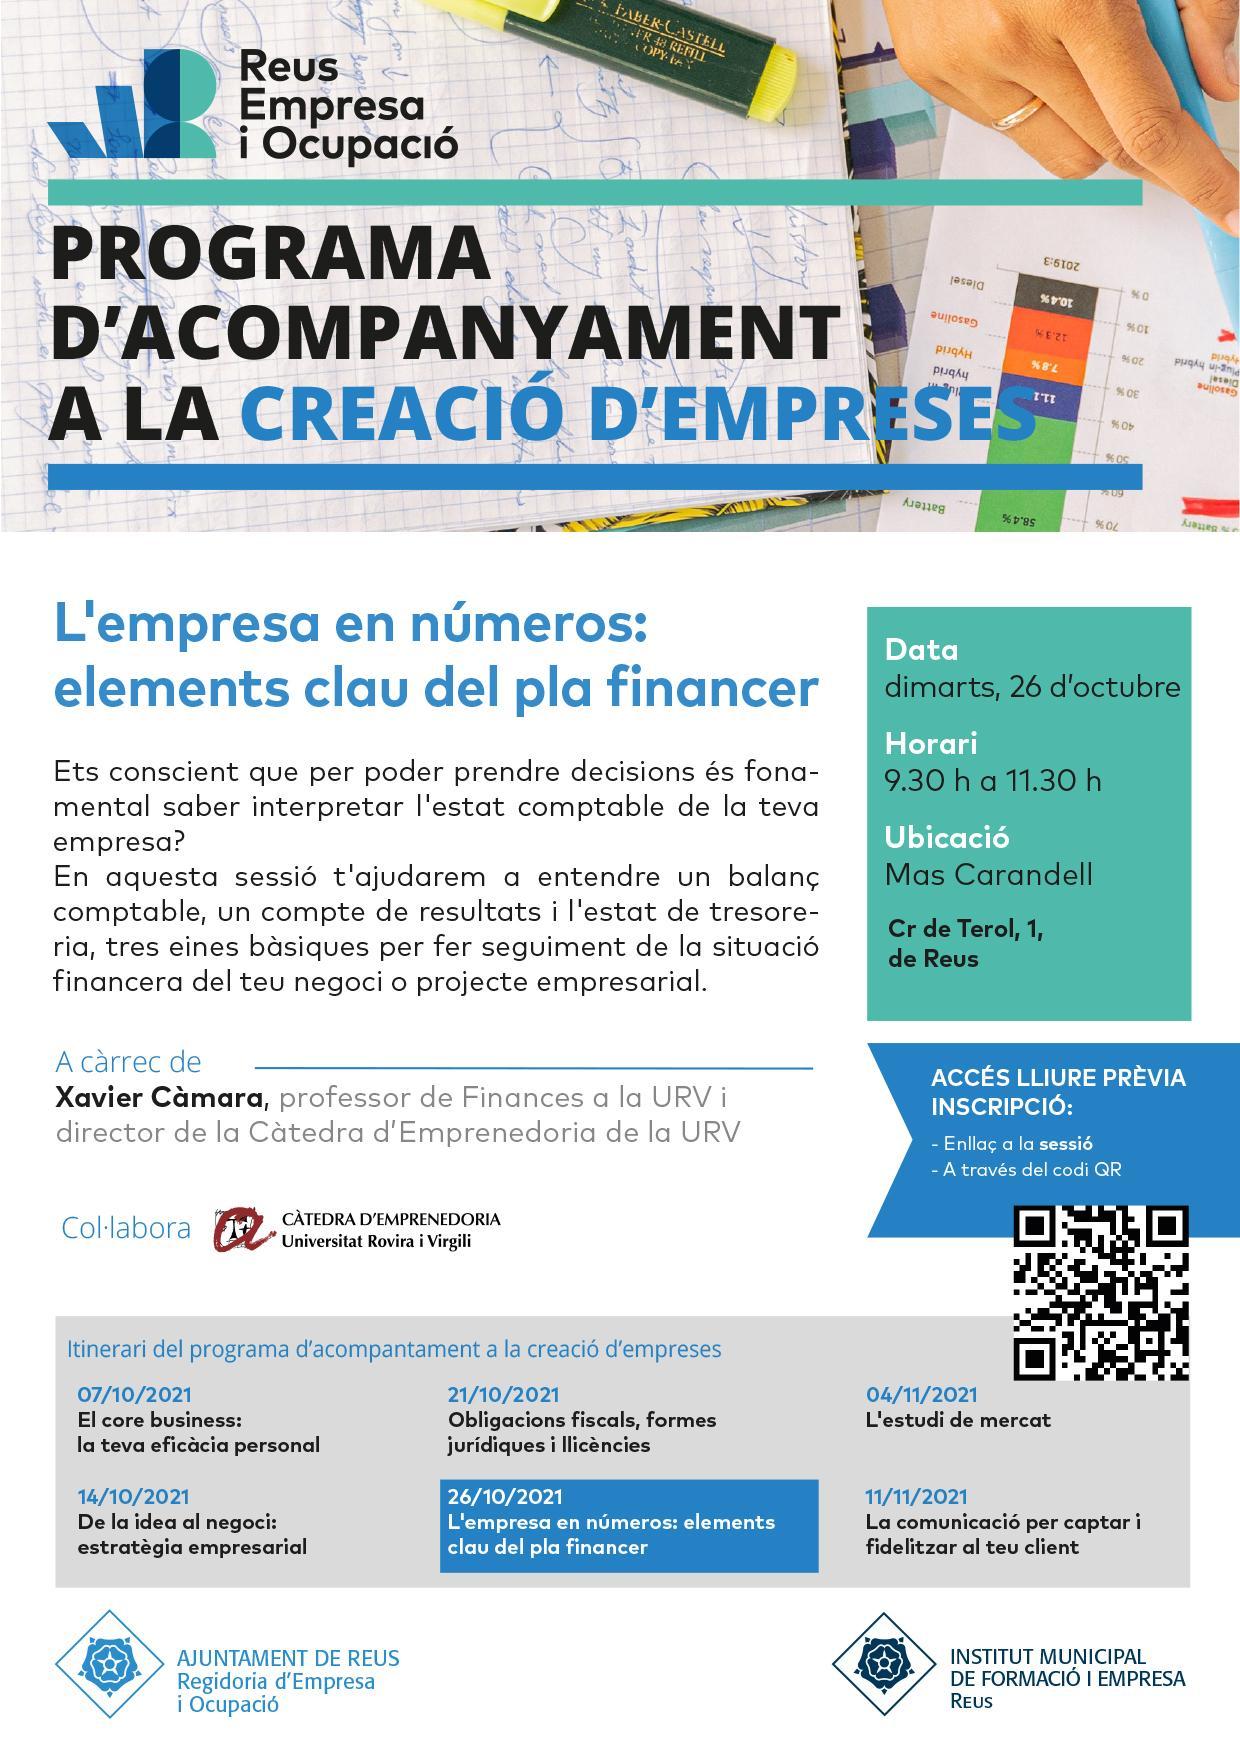 L'empresa en números: elements clau del pla financer